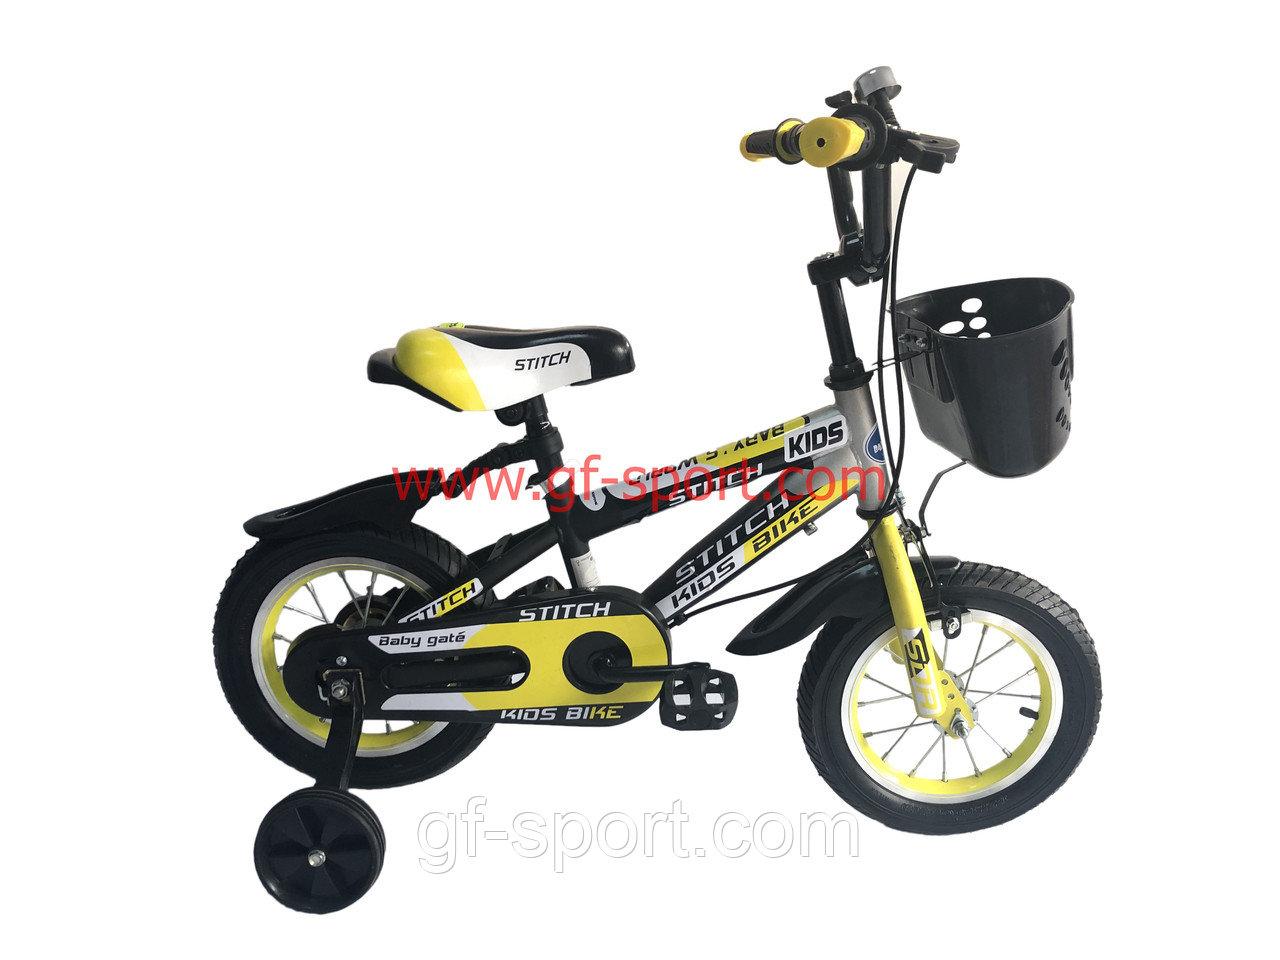 Велосипед Stitch желтый оригинал детский с холостым ходом 12 размер